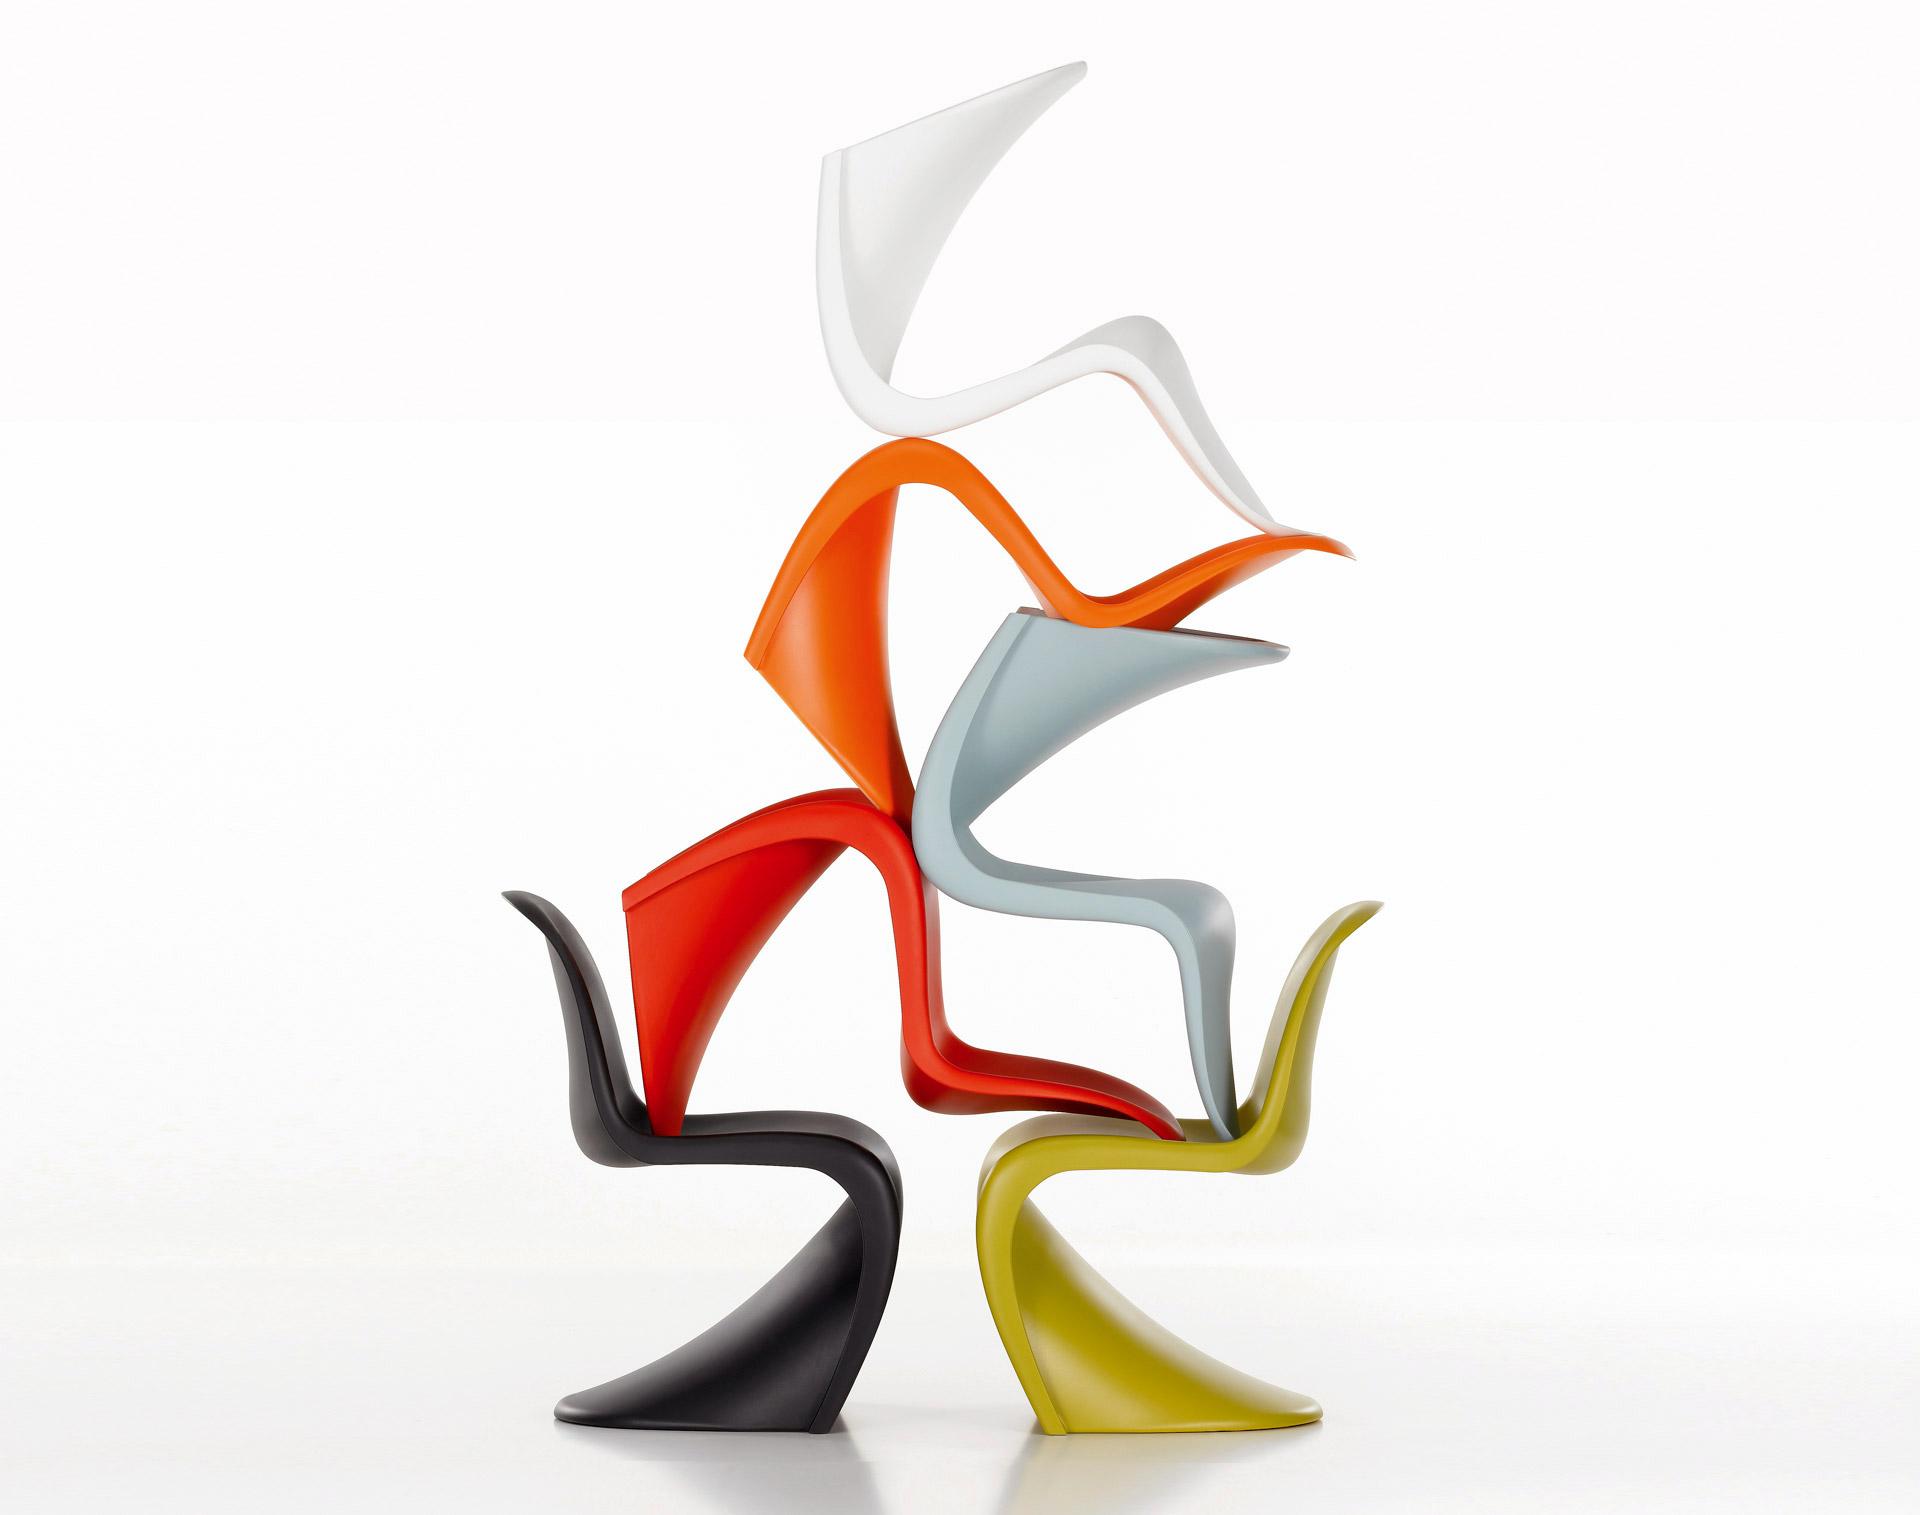 Matná židle Panton Chair z polypropylenu od značky Vitra. © Vitra